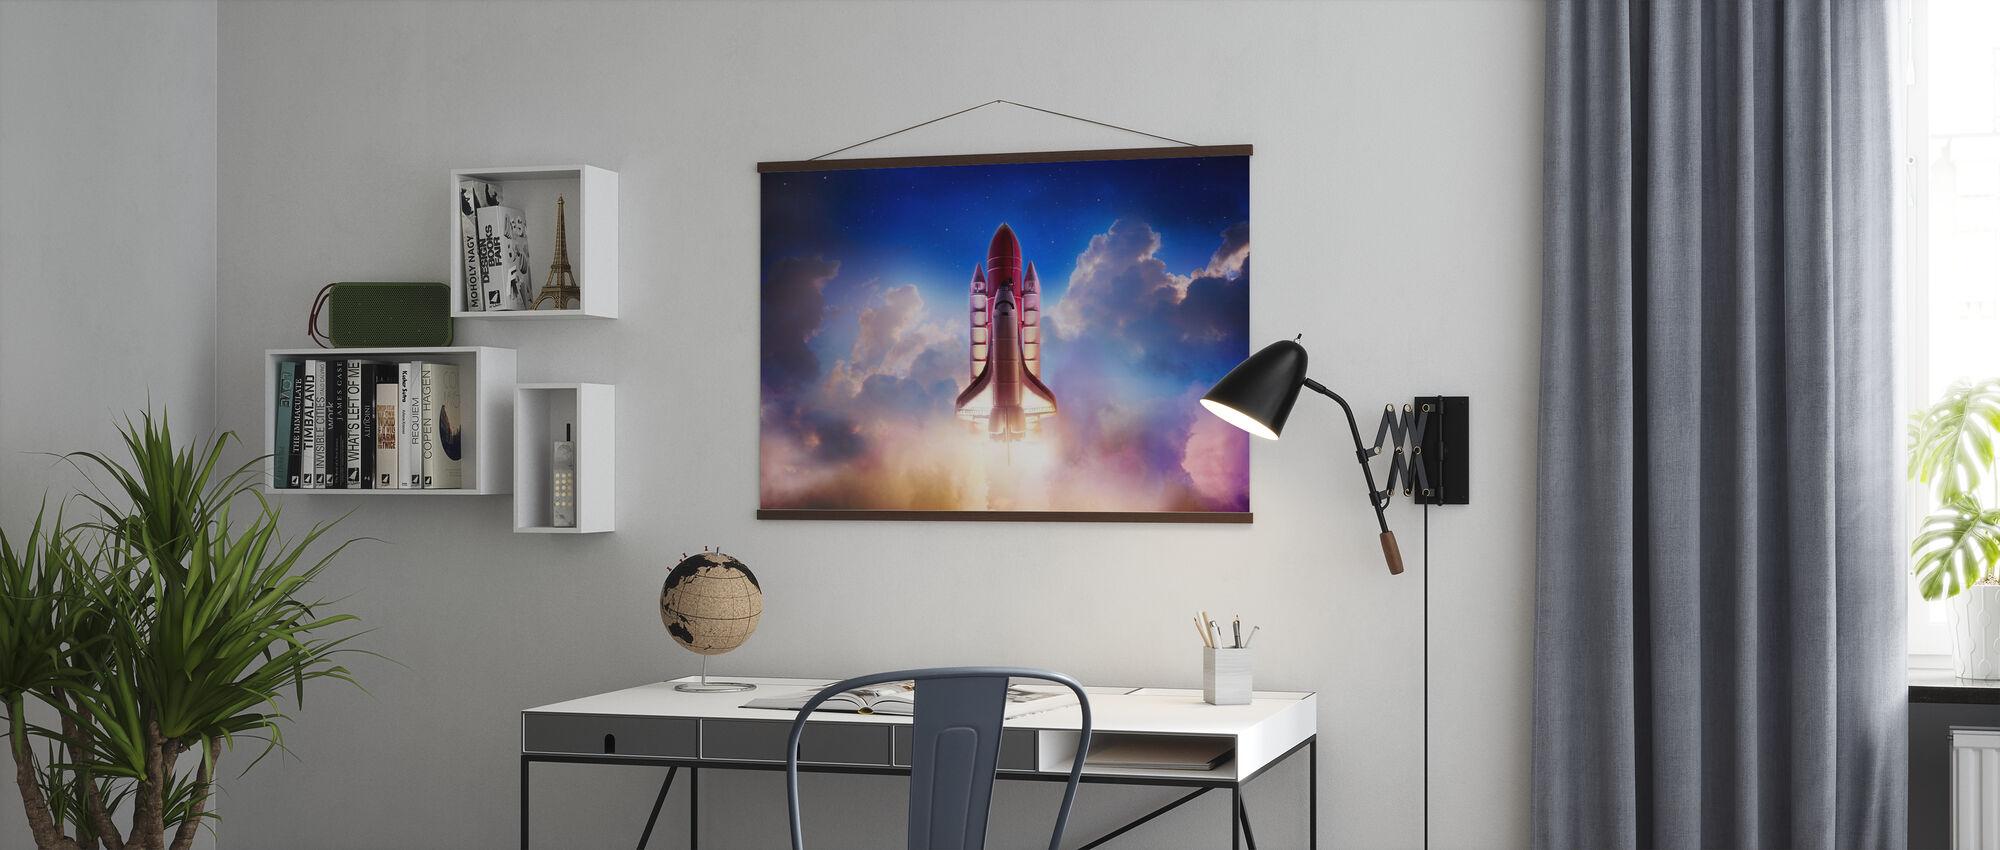 Schub in den Raum - Poster - Büro